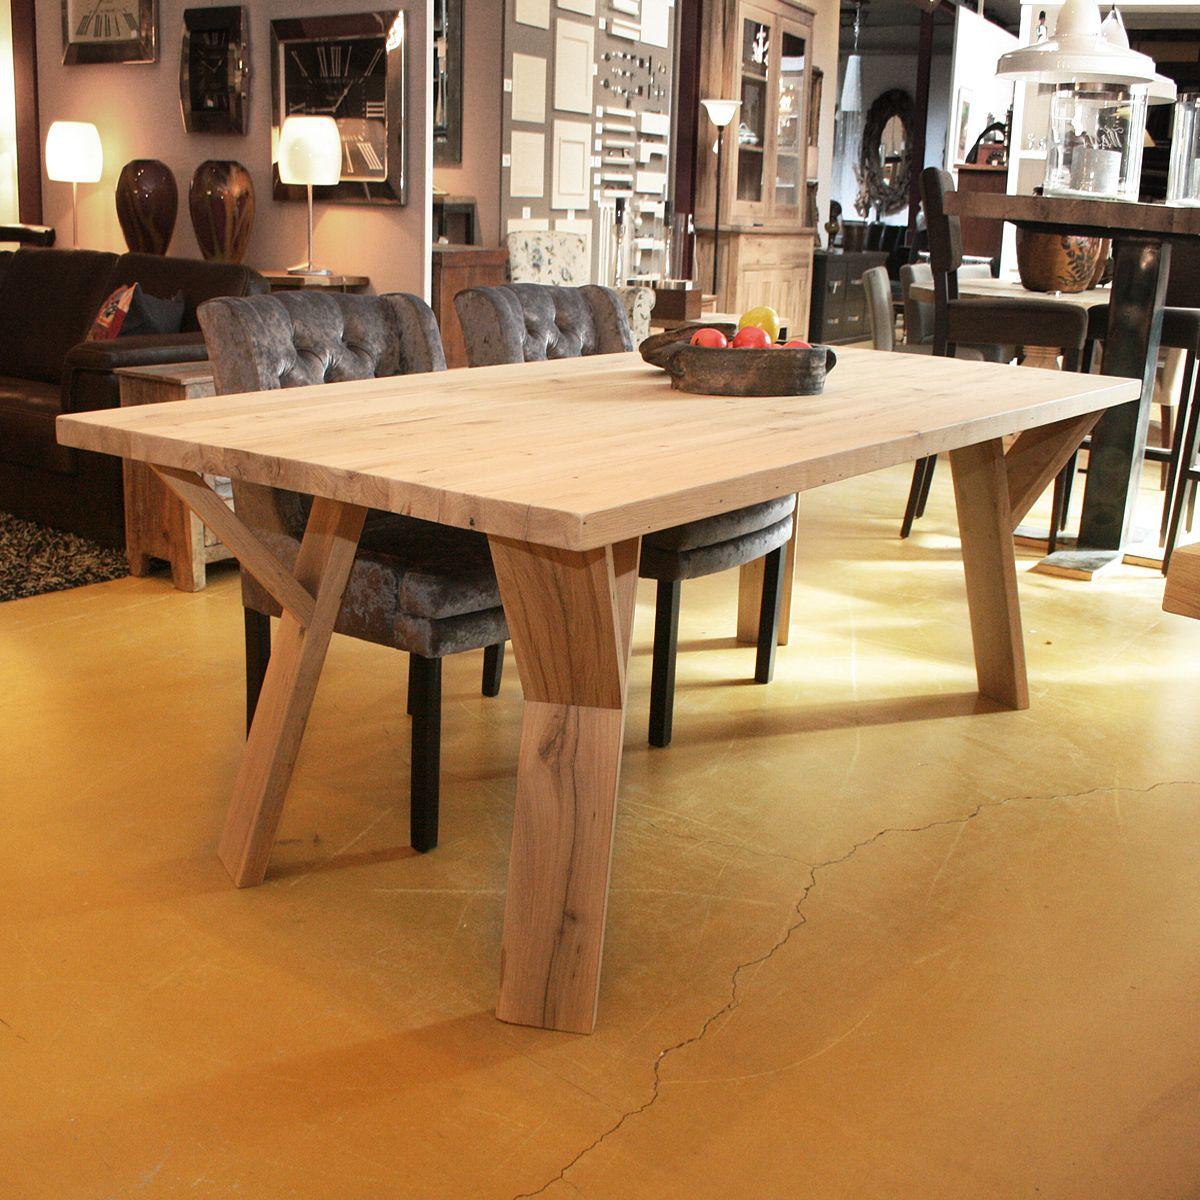 Eettafel oud eiken 3 gerard keune meubels op maat - Eettafel schans ...